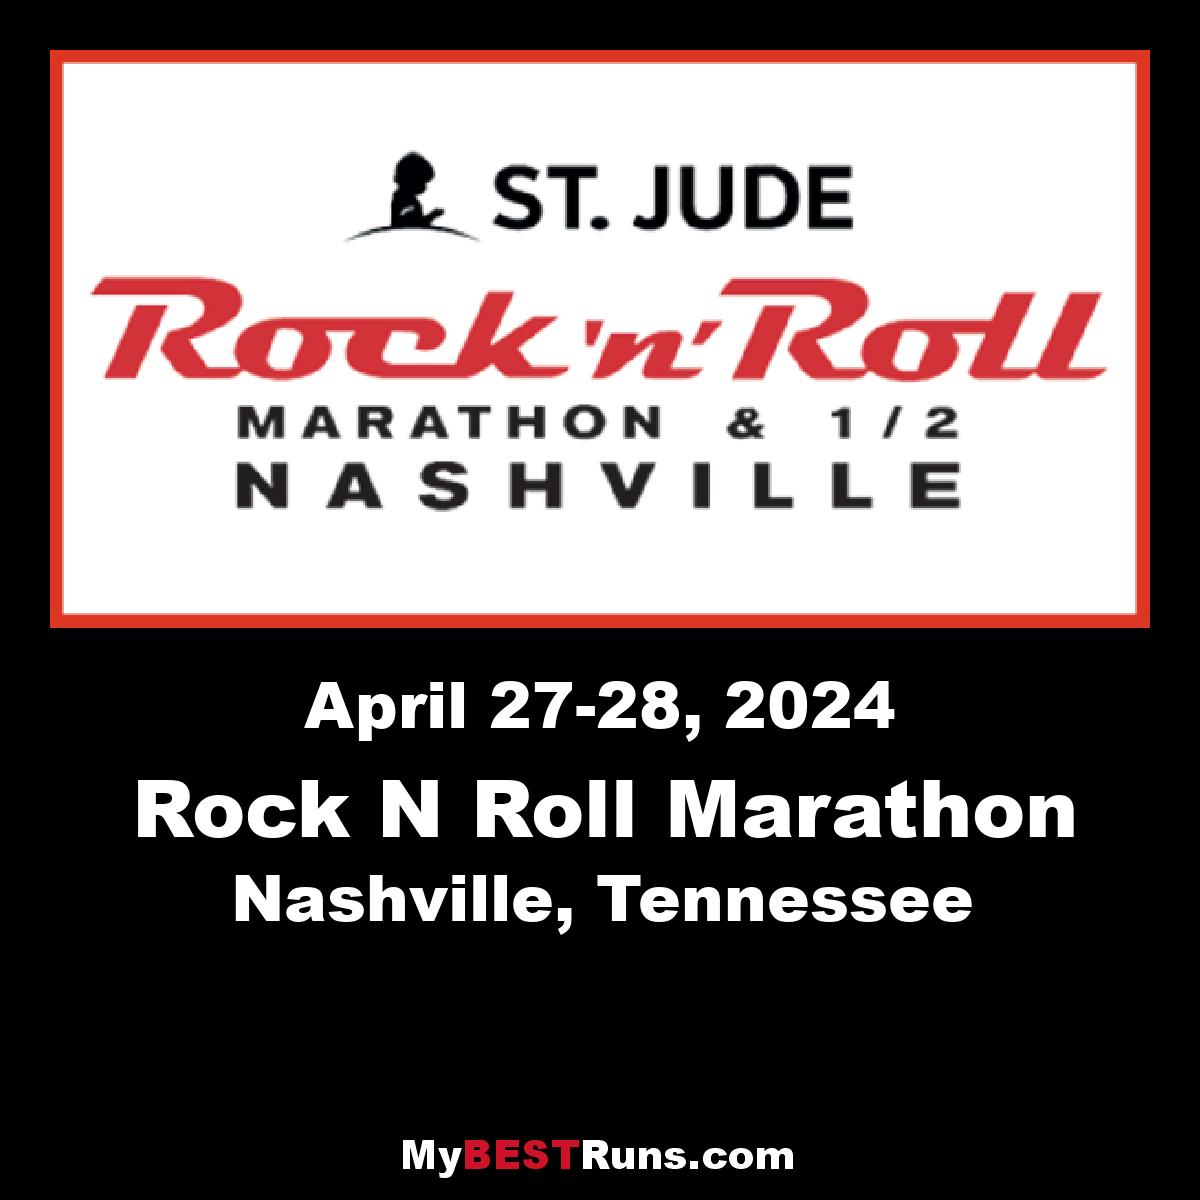 St. Jude Rock 'n' Roll Nashville Marathon & 1/2 Marathon